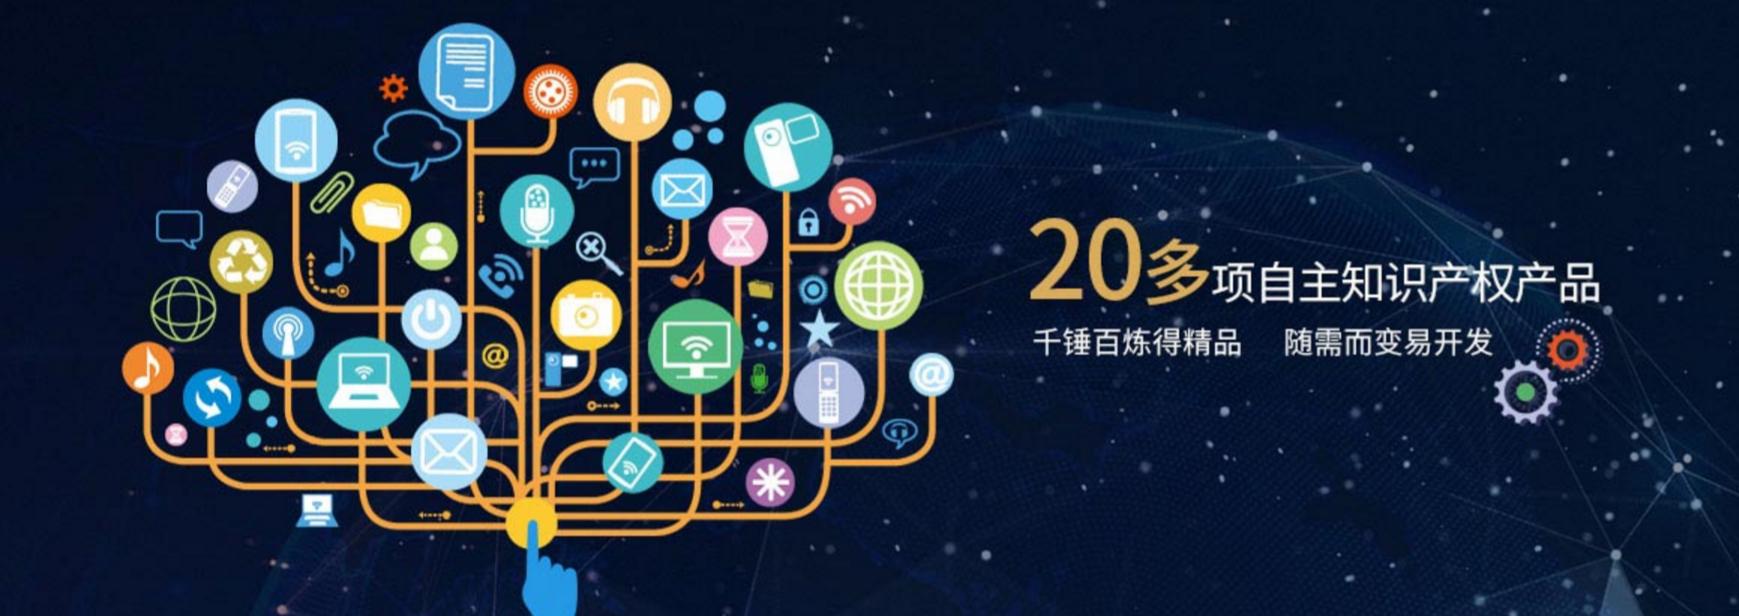 _公司网络整合营销企业品牌策划推广优化百度关键词投放宣传传播38